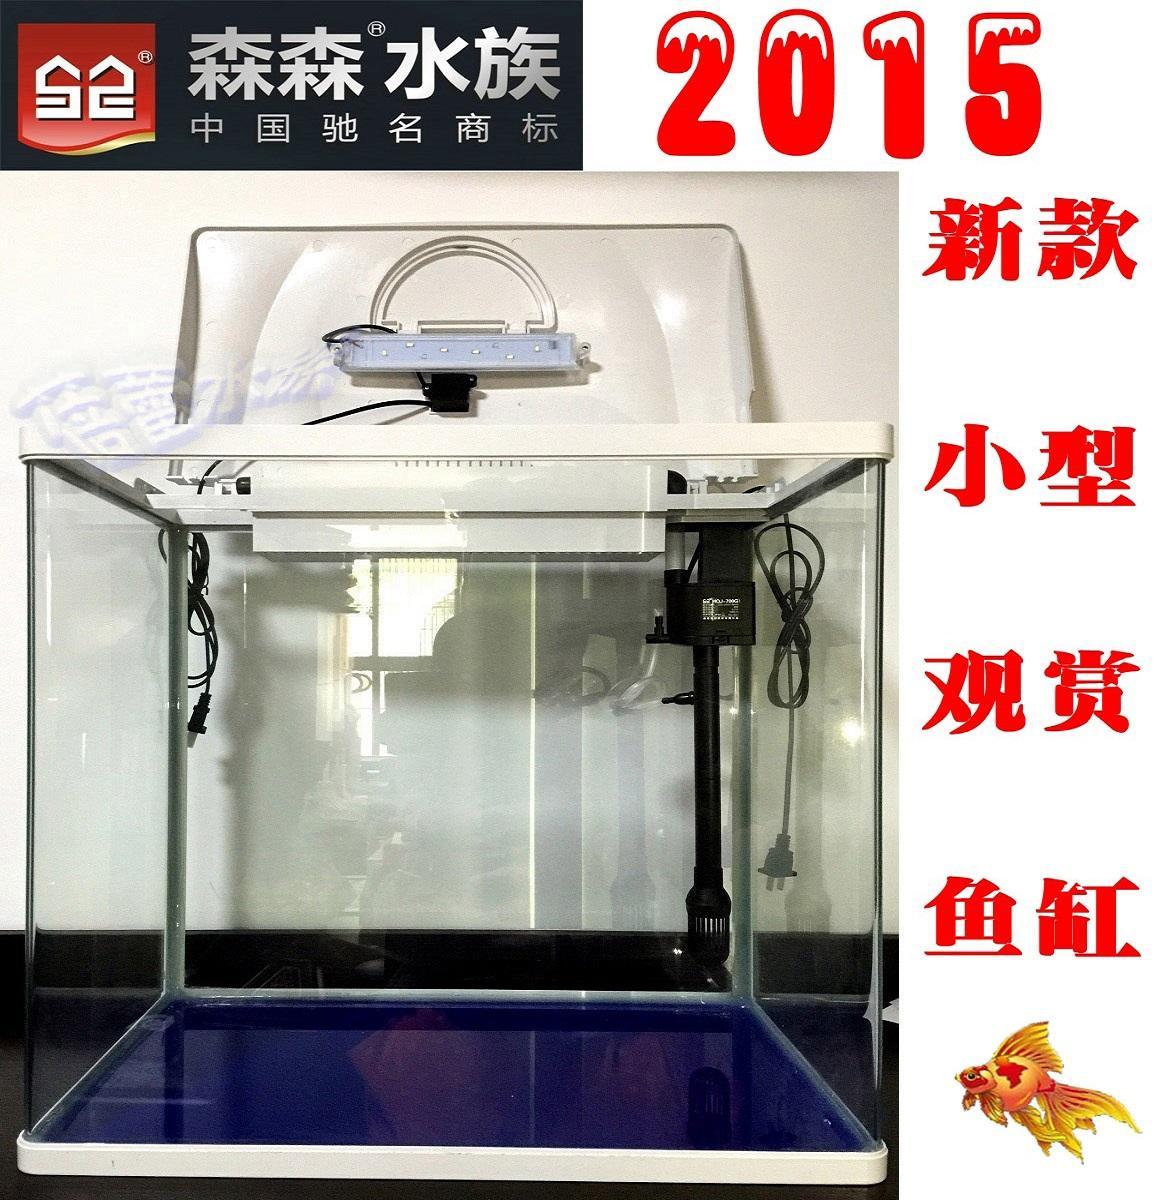 森森新款1.2米1.5米1.8米2米3米玻璃鱼缸水族箱HLGX底过滤龙鱼缸